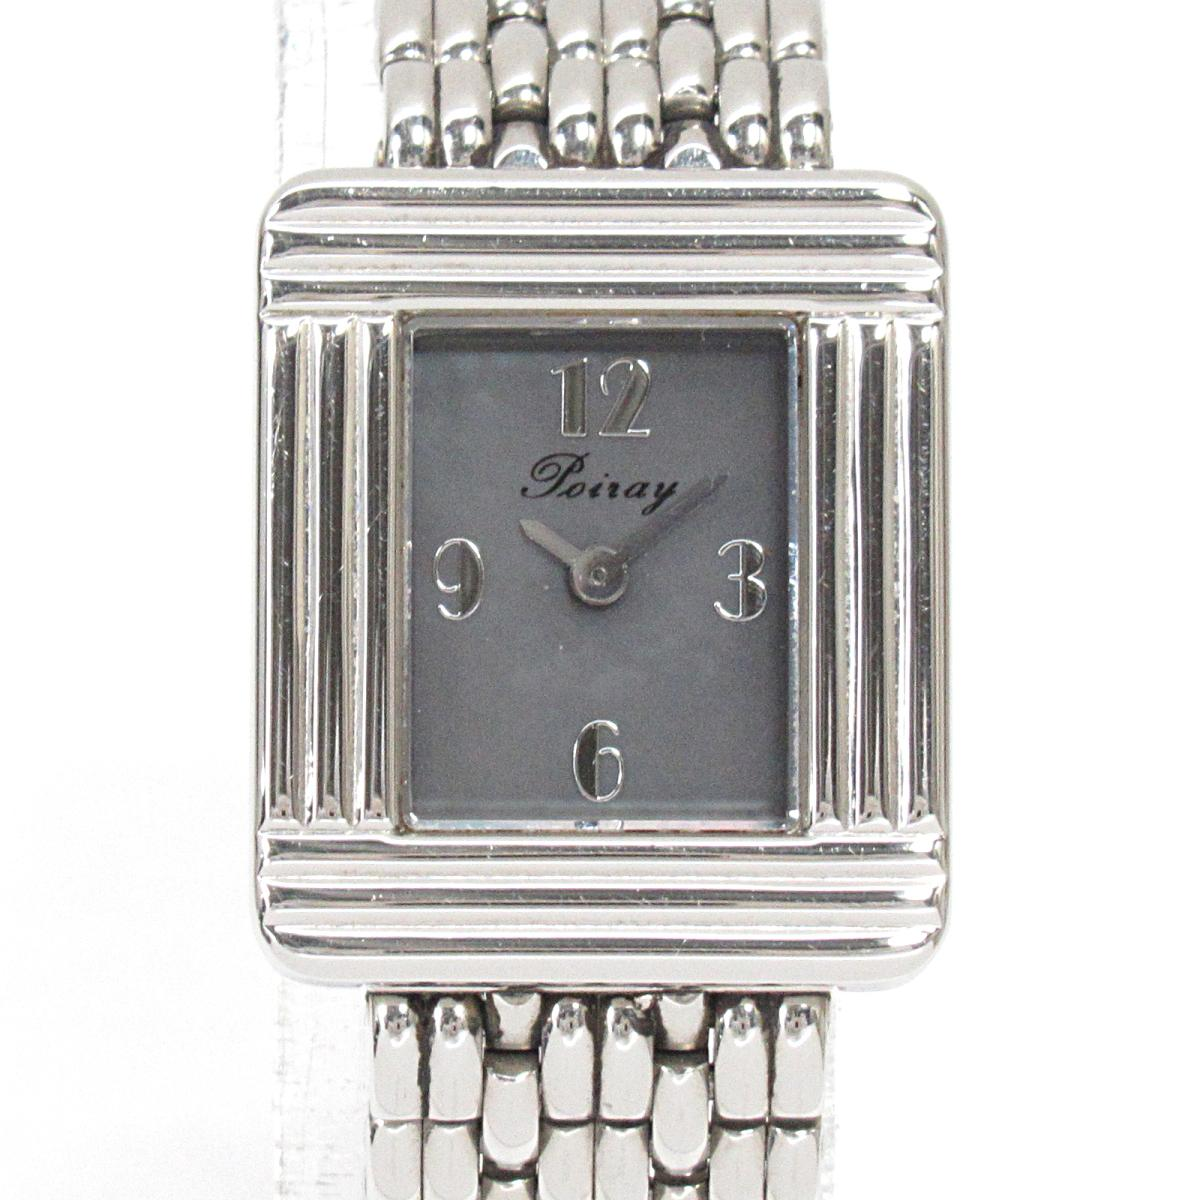 【中古】 セレクション Poiray マ・プルミエ 腕時計 ウォッチ レディース ステンレススチール (SS) | SELECTION BRANDOFF ブランドオフ ブランド ブランド時計 ブランド腕時計 時計